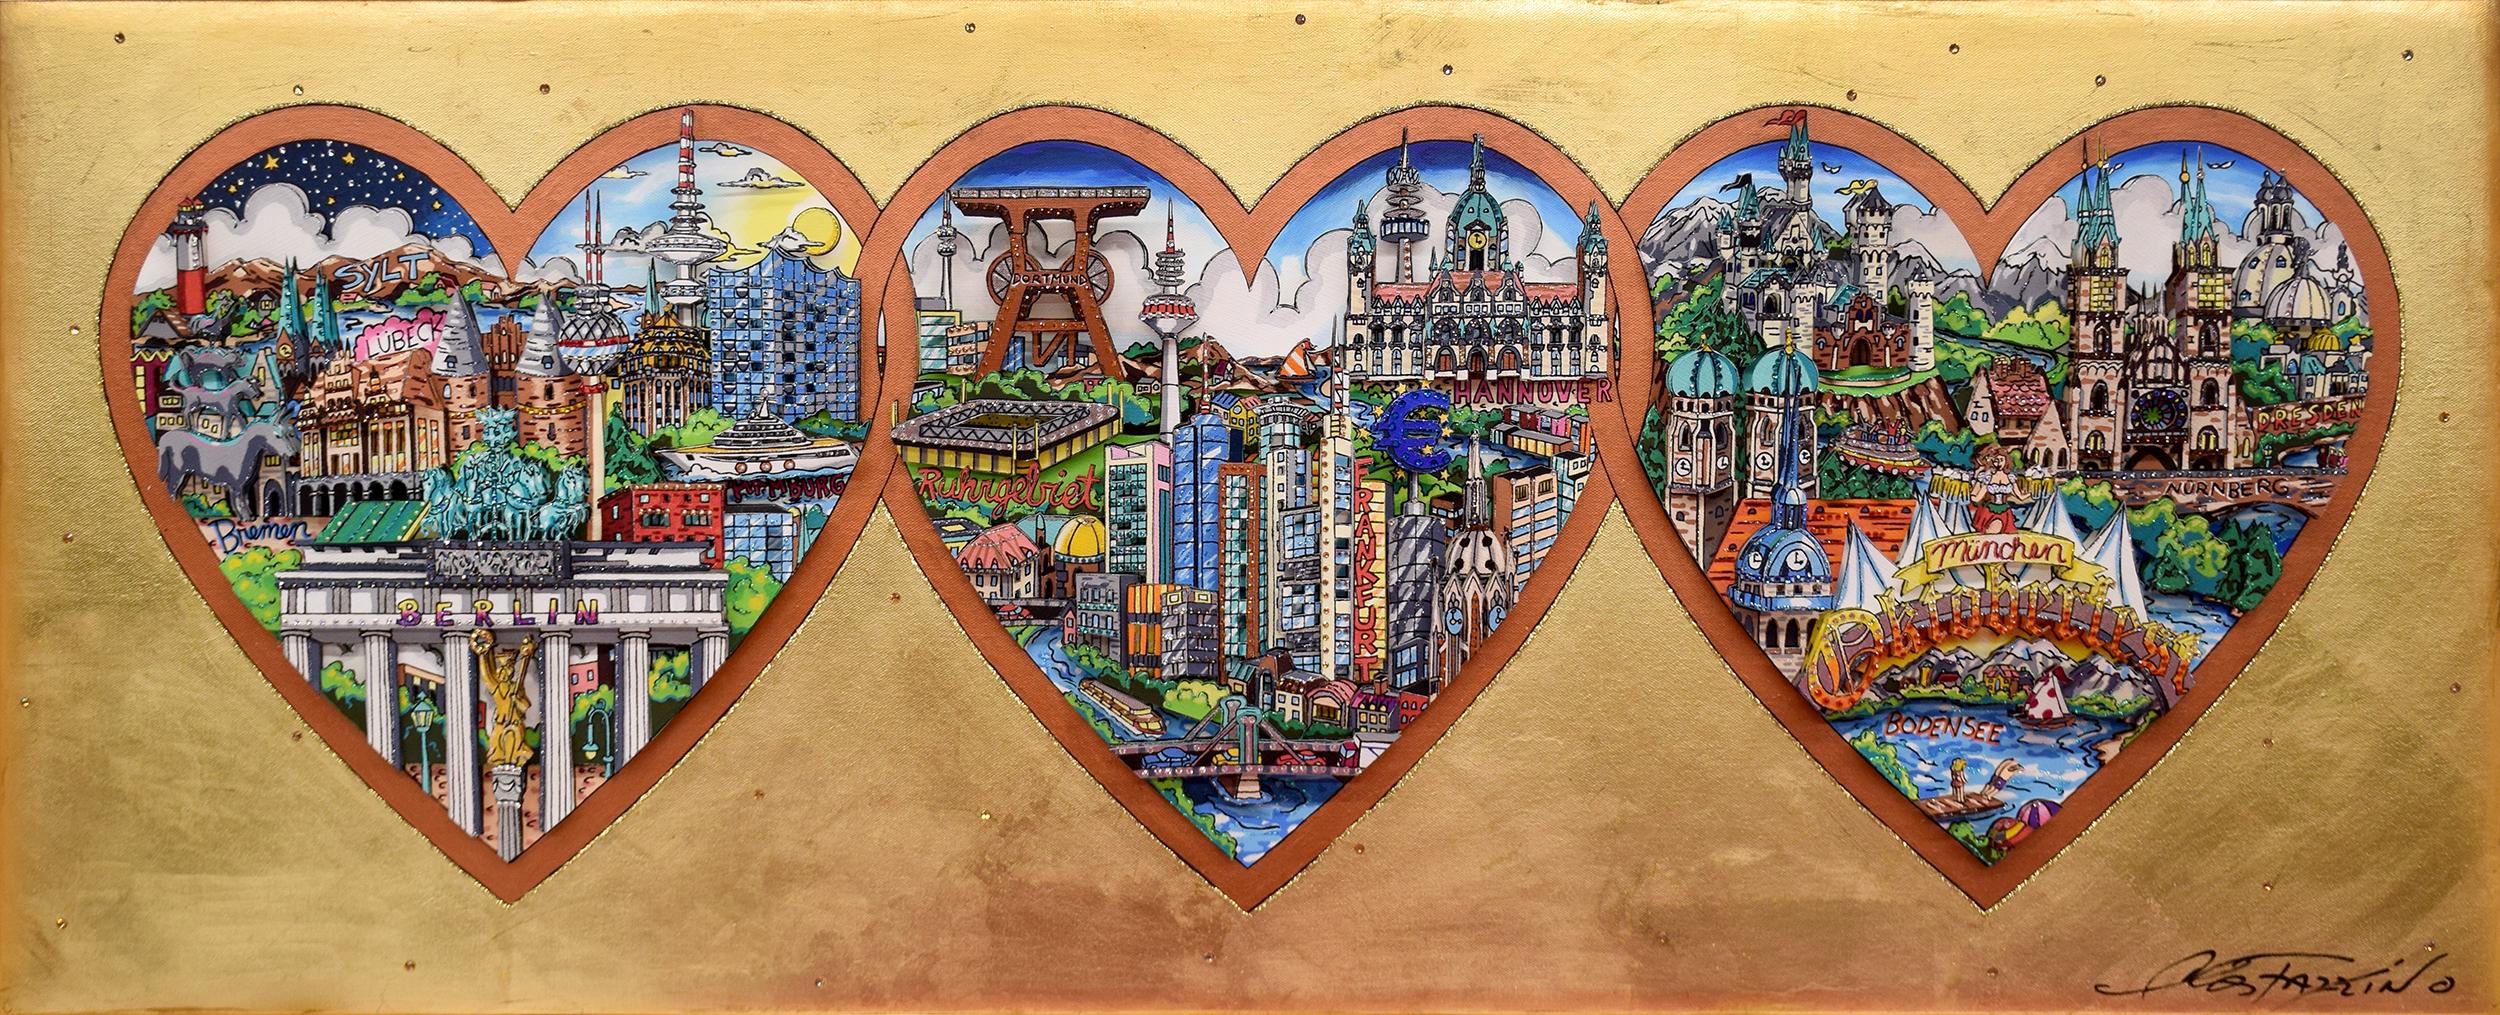 Charles Fazzino - 3 Hearts of Germany , 5554-012-003